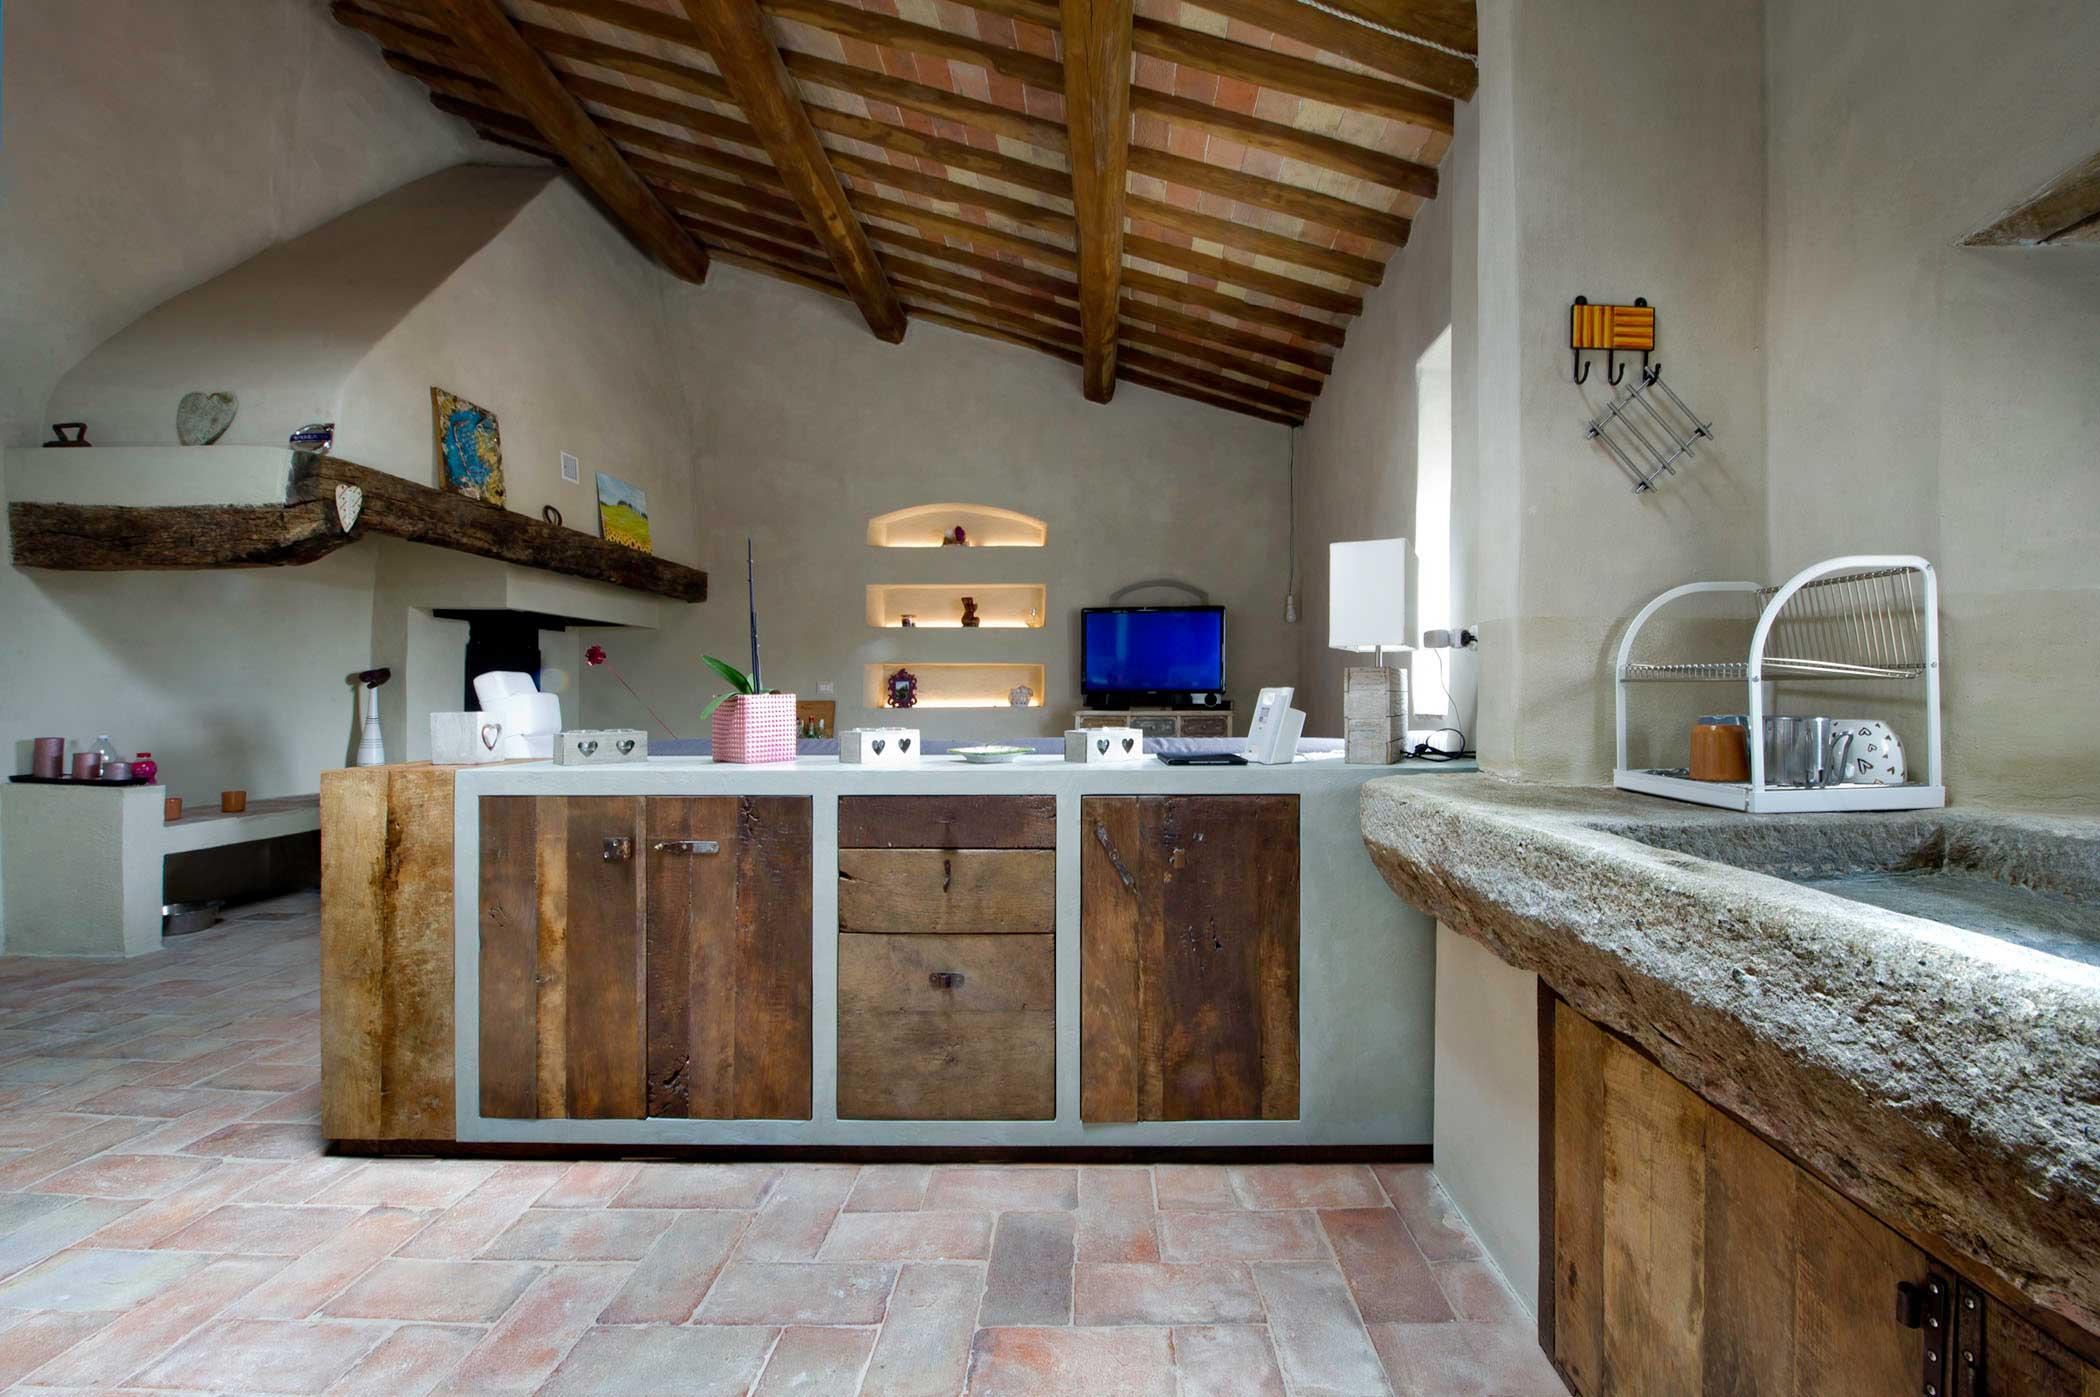 Progetta la tua cucina artigianale su misura | Laquercia21